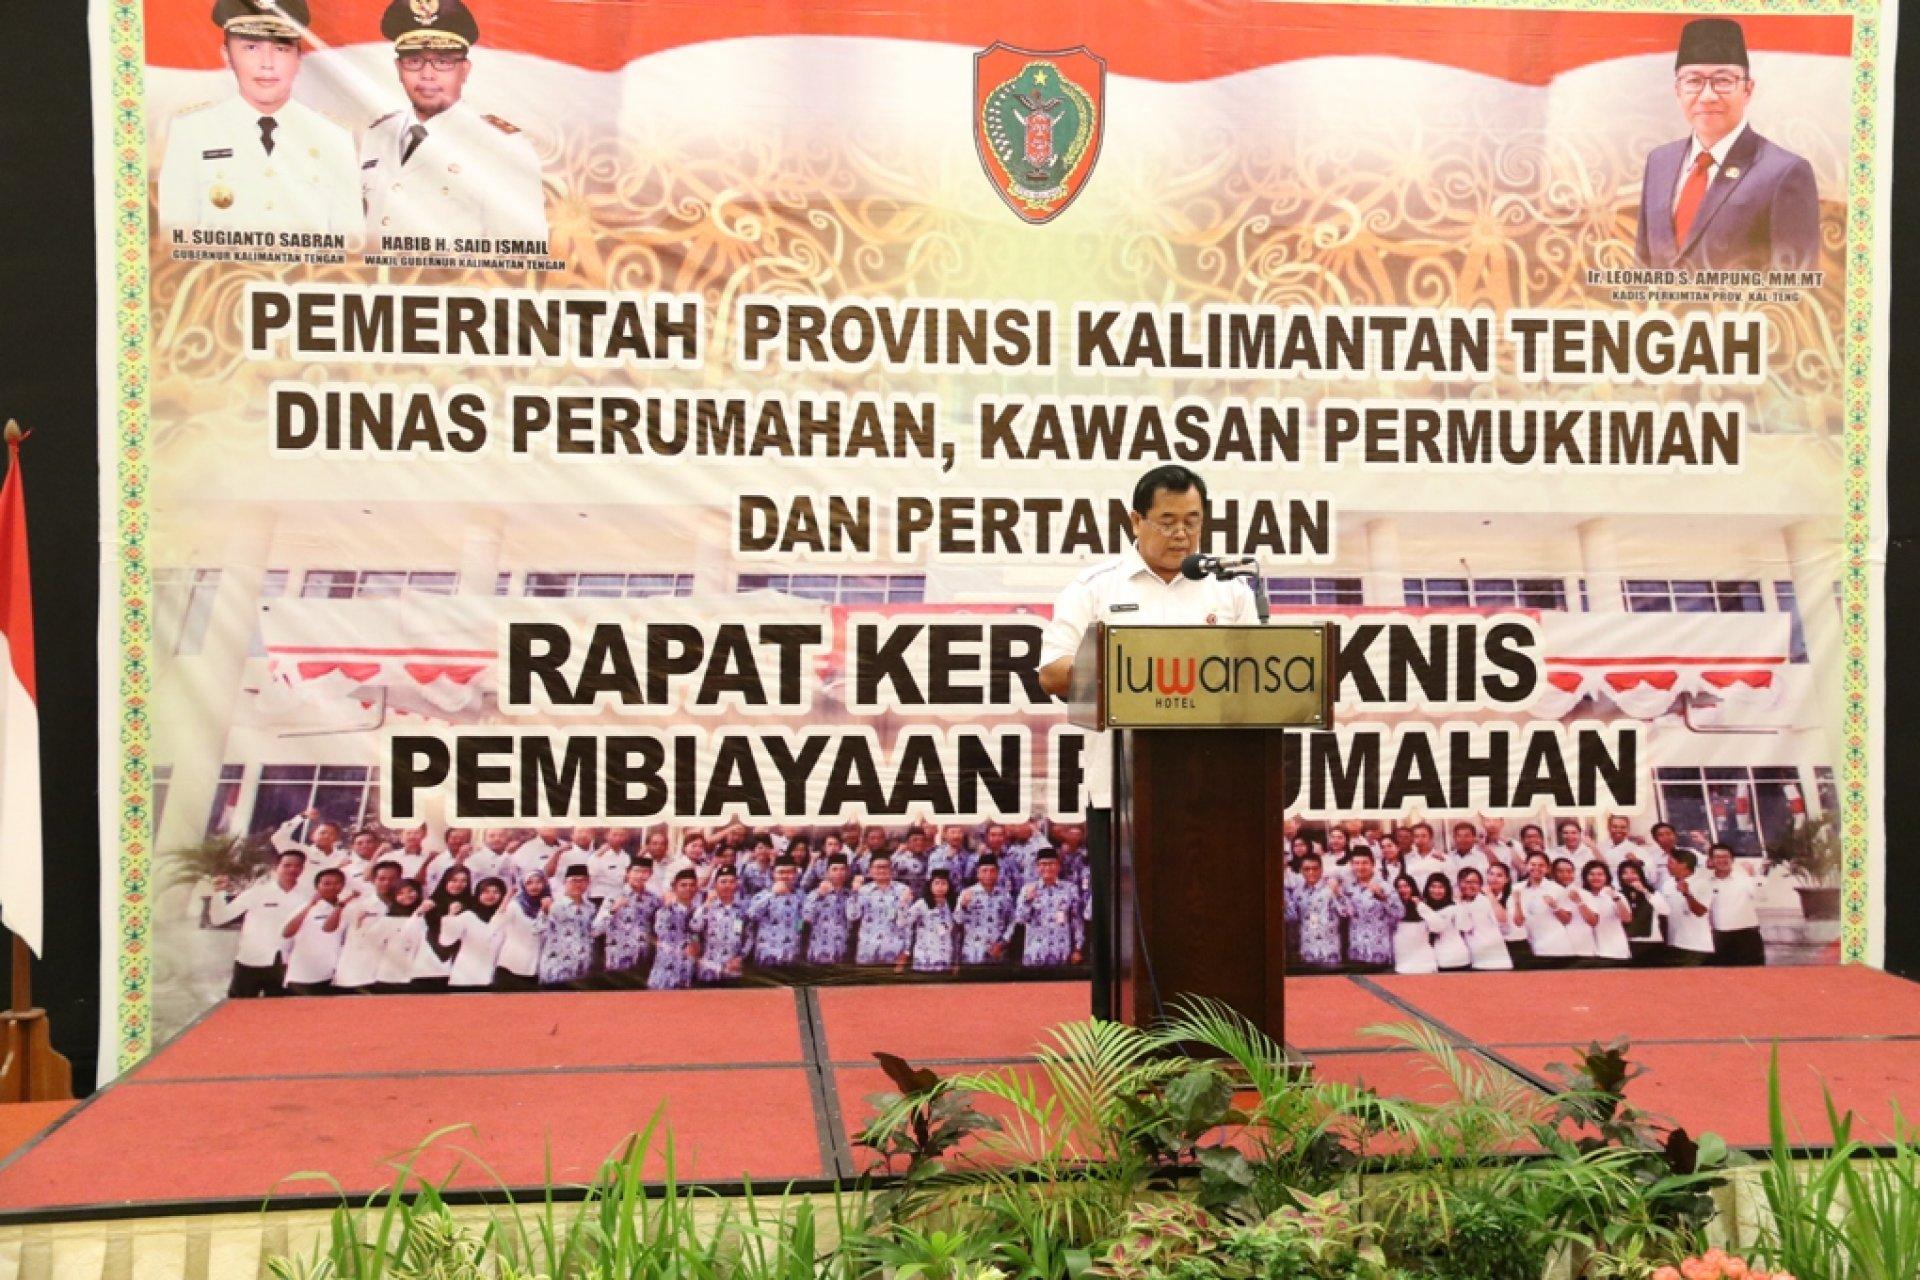 Perumahan Salah Satu Urusan Wajib Pemerintah Daerah